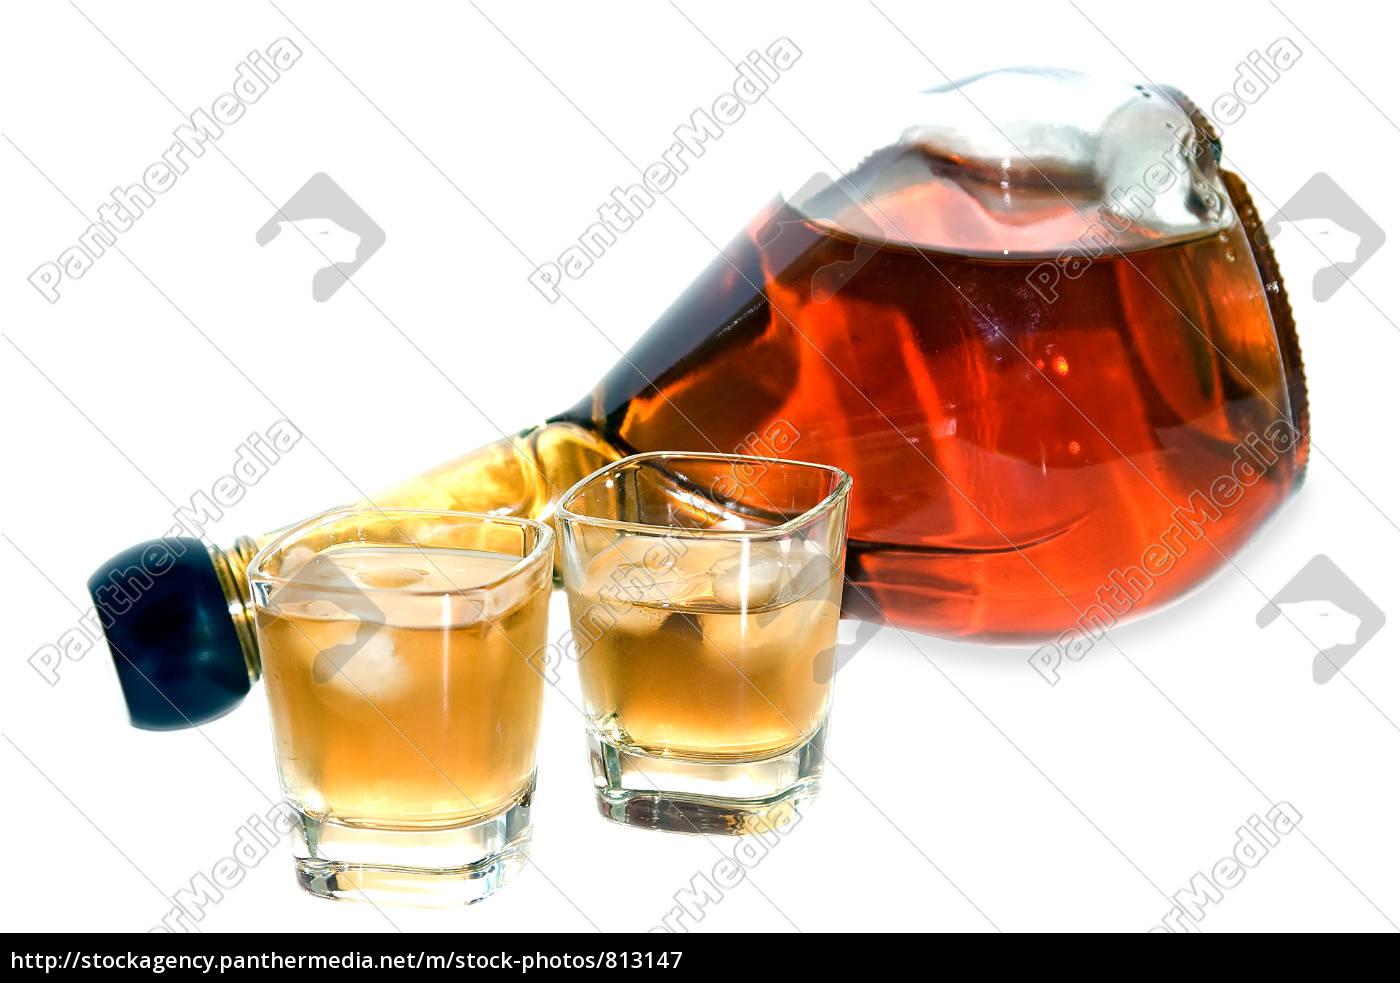 whiskey, ii - 813147